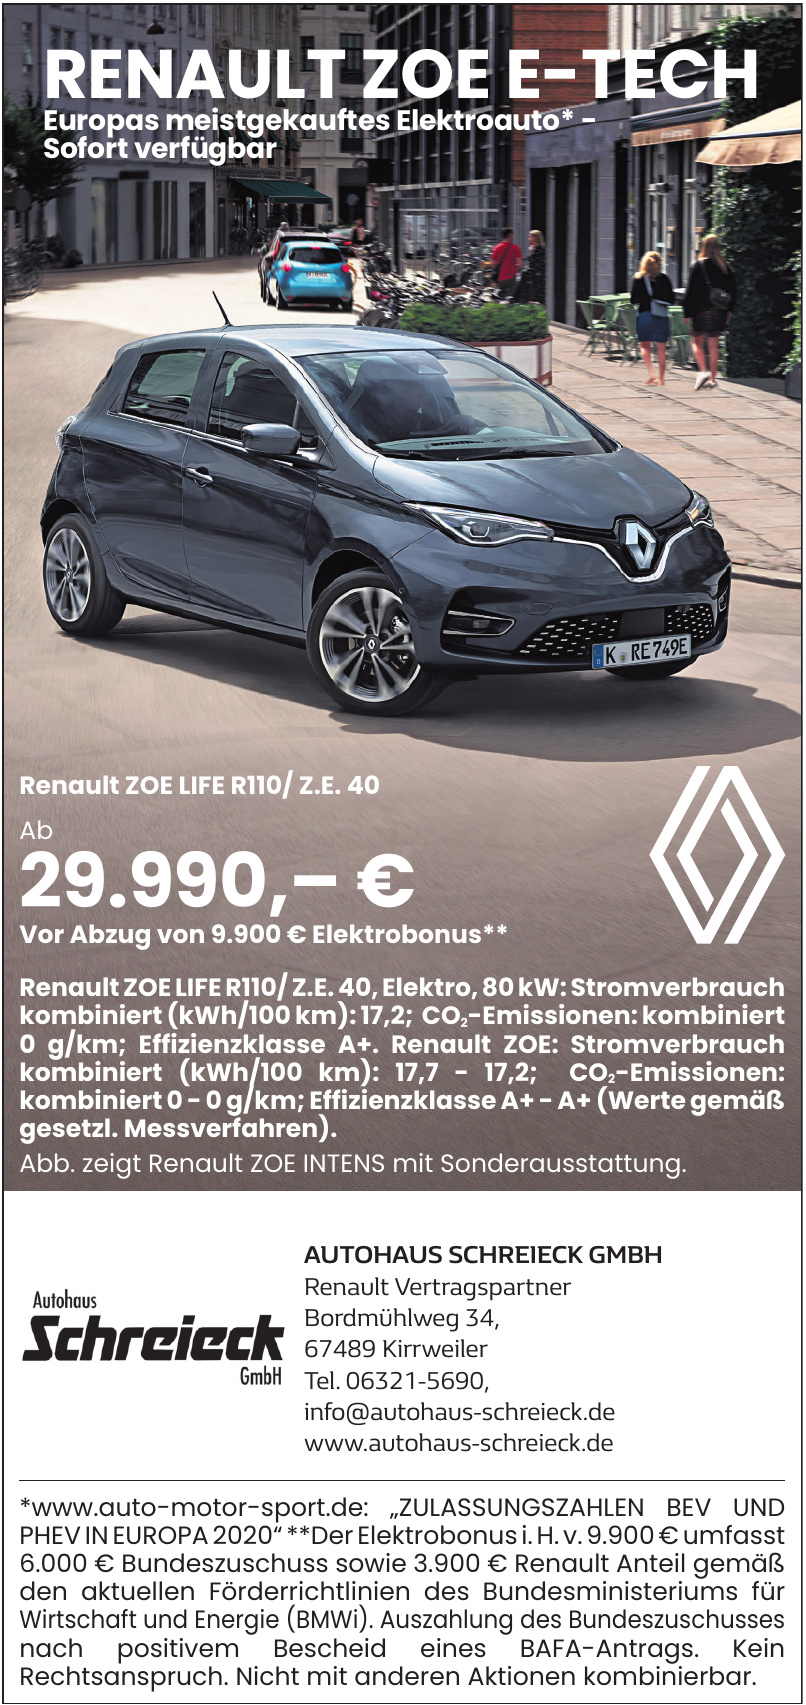 Autohaus Schreieck GmbH